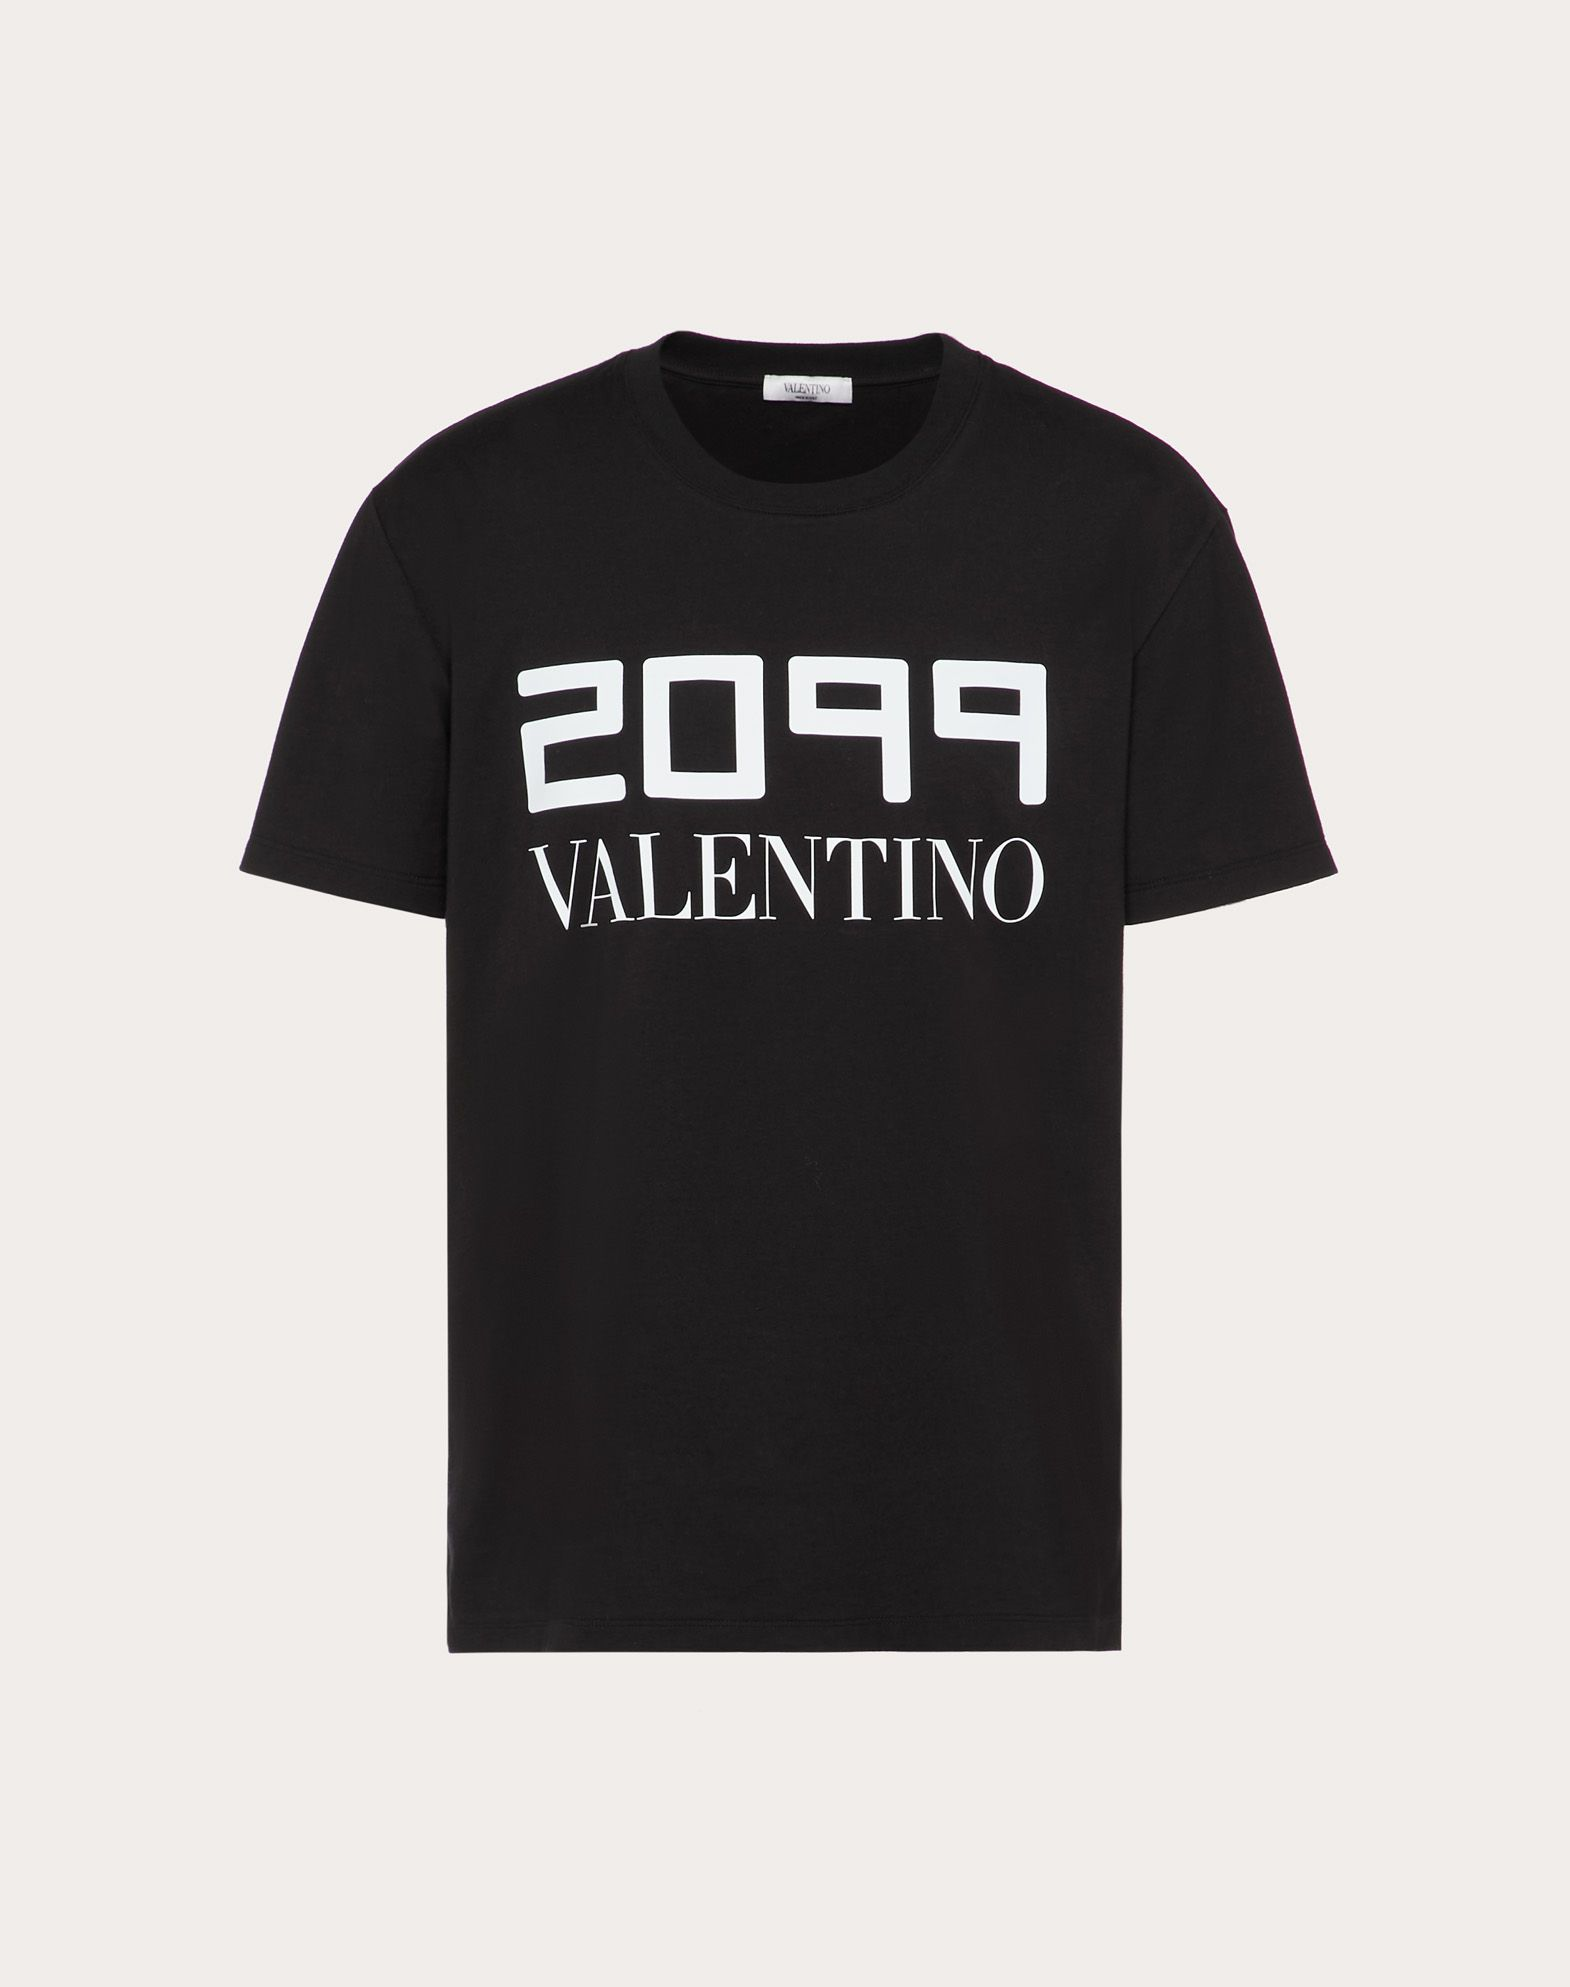 2099 ヴァレンティノ Tシャツ